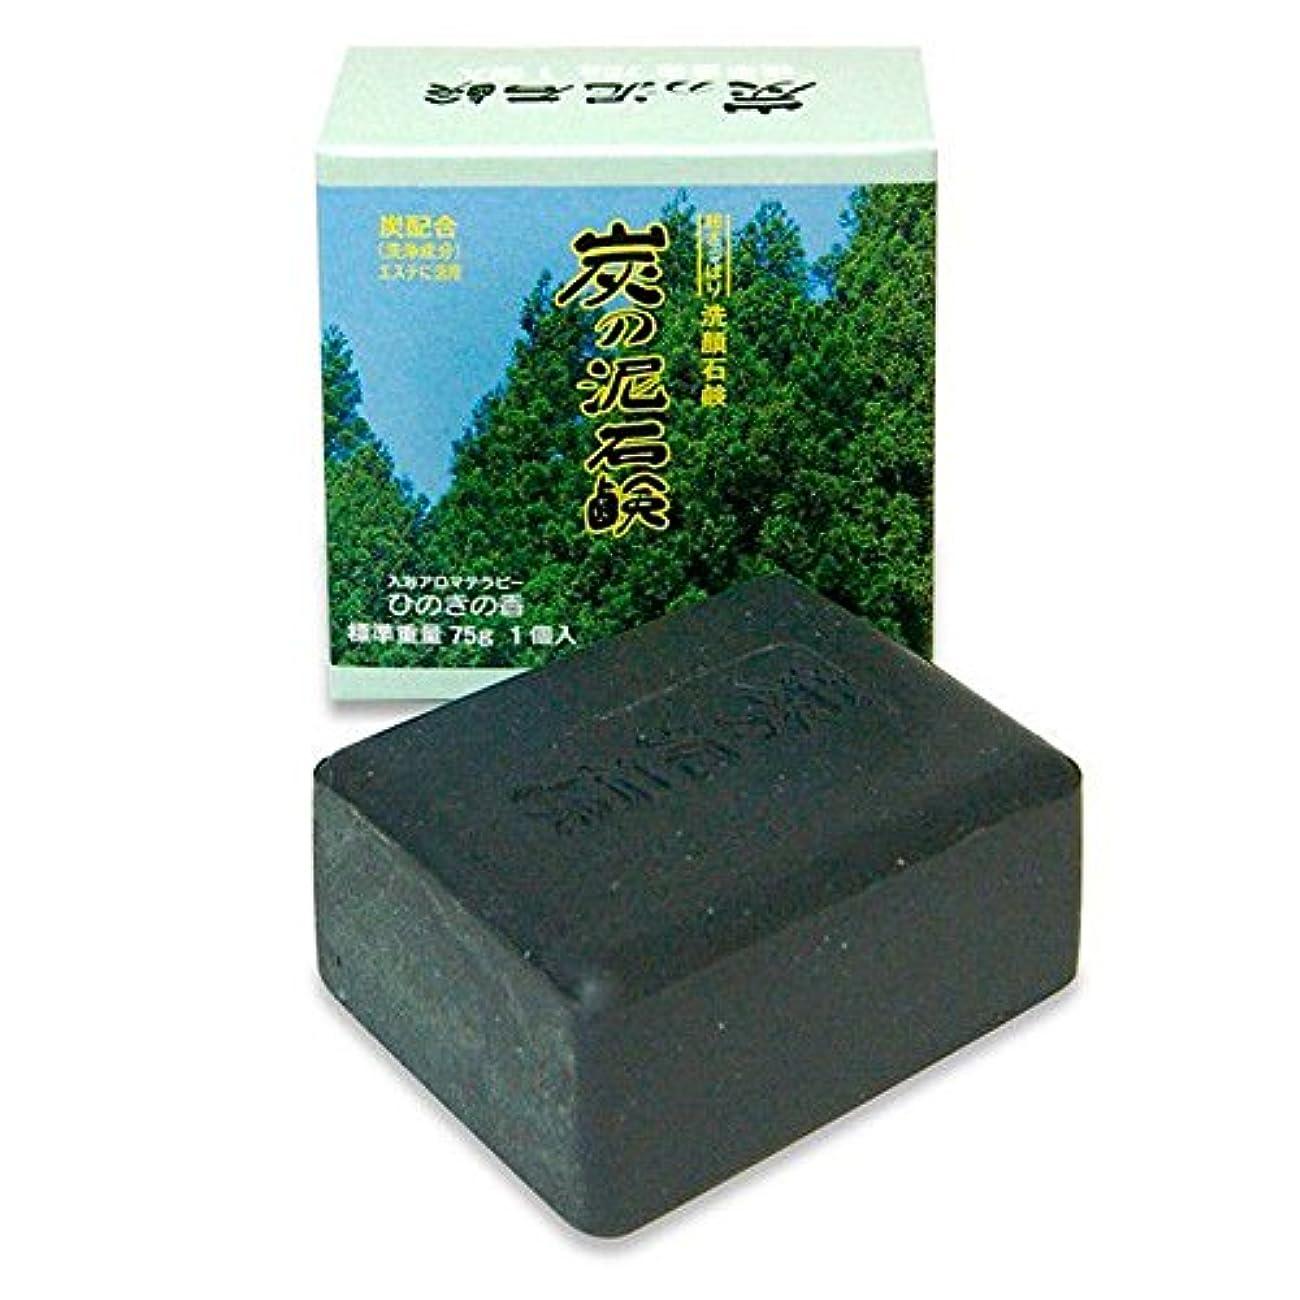 問題スパークレイ炭の泥石鹸 1個入り(入浴アロマテラピー ひのきの香 75g)